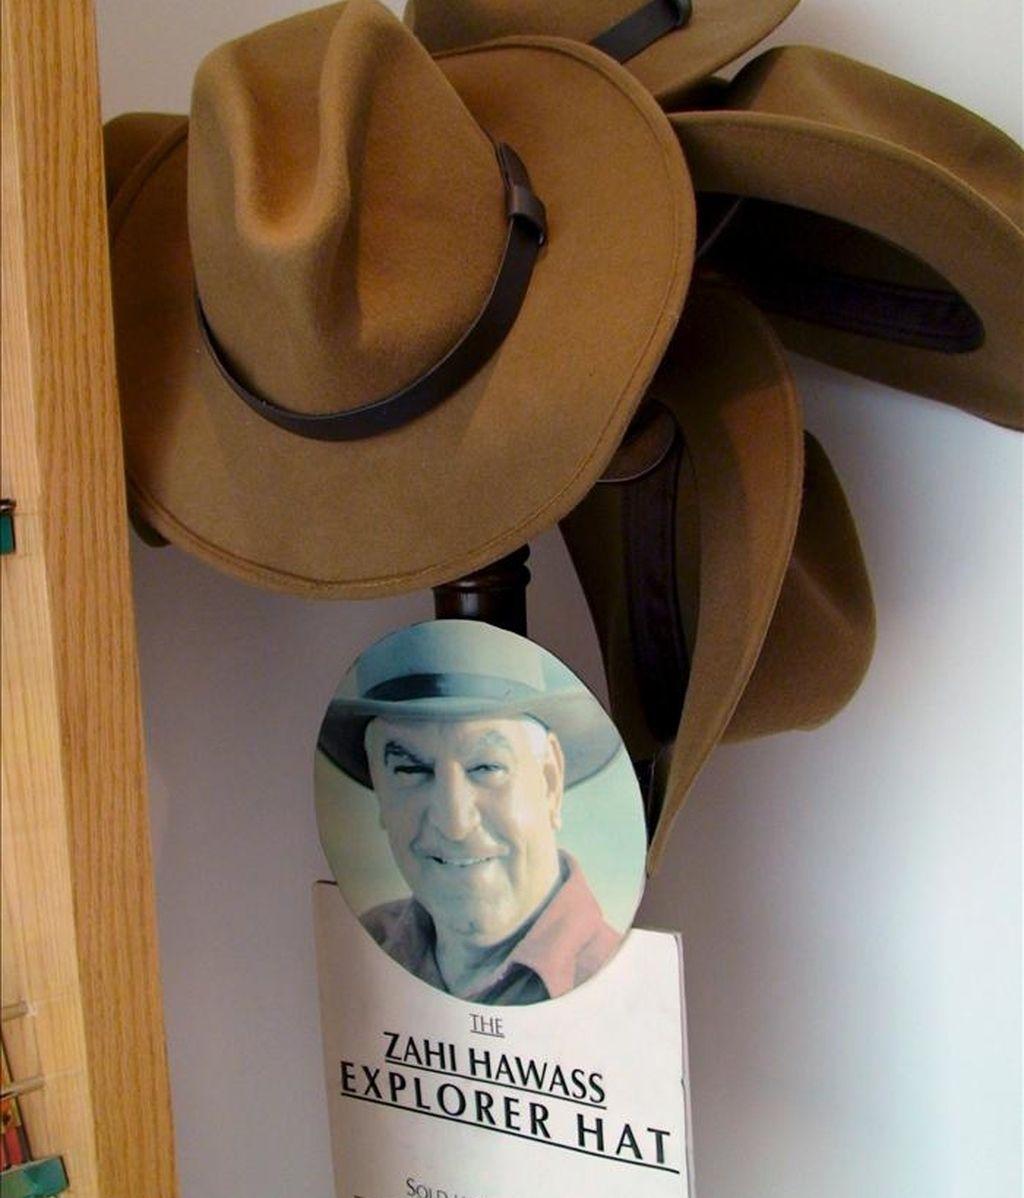 El sombrero de alas anchas a lo Indiana Jones del arqueólogo más famoso y mediático de Egipto, Zahi Hawas, se ha popularizado entre los turistas que visitan el país. EFE